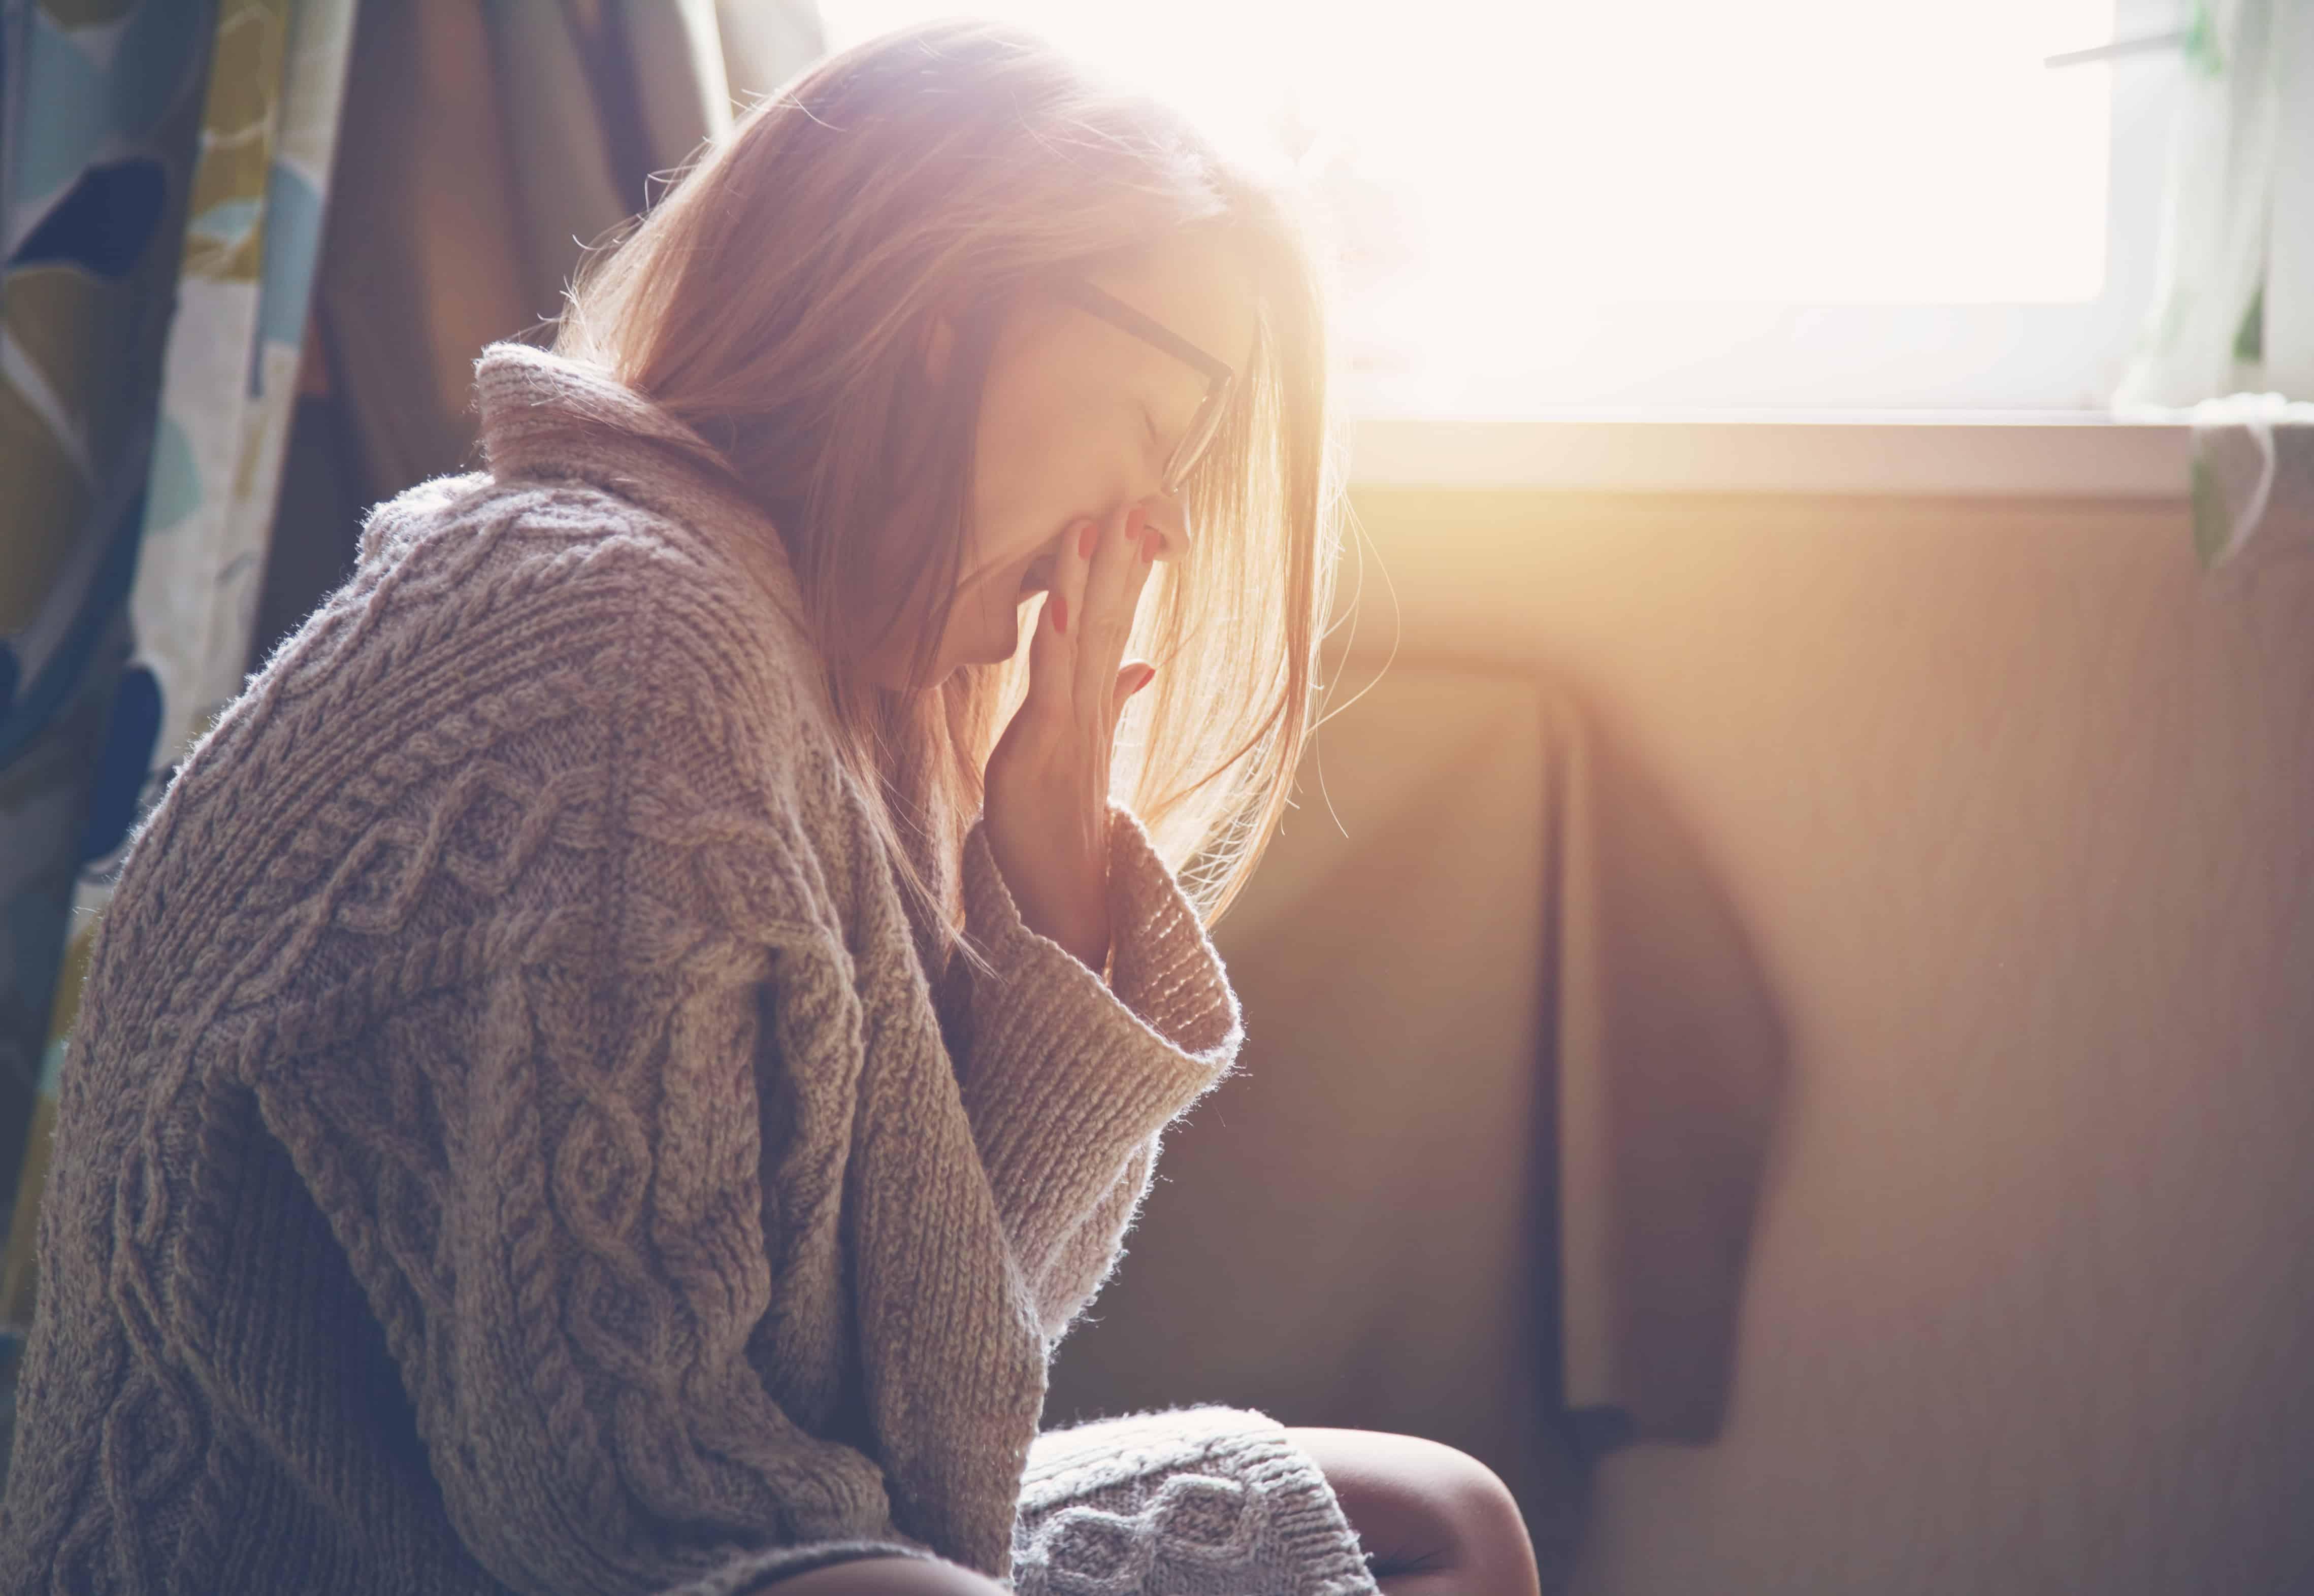 Mittel Gegen Standige Mudigkeit Test Empfehlungen 12 19